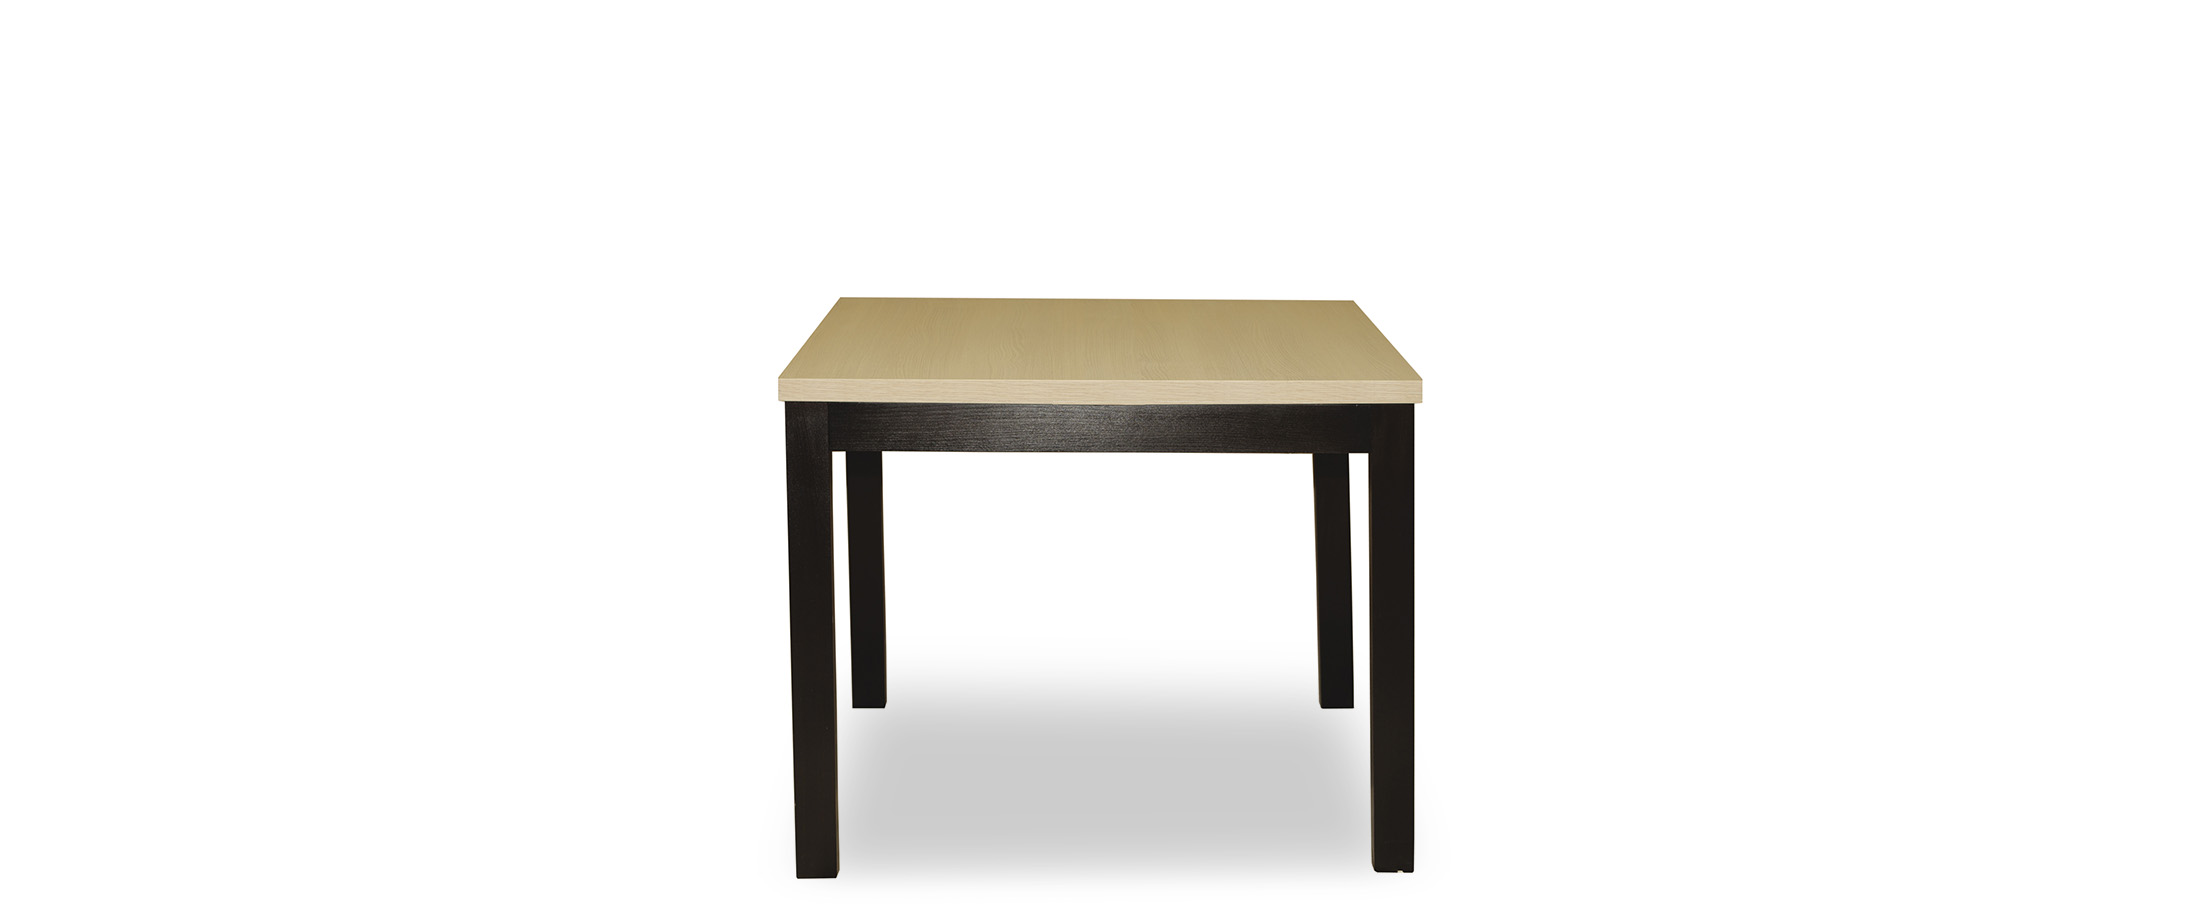 Стол Фиоре 4 Модель 370Ножки стола изготовлены из массива дерева, а столешница из ЛДСП светлого оттенка. Подойдёт как для малогабаритной кухни, так и для просторной столовой. Гарантия 18 месяцев.<br><br>Ширина см: 90<br>Глубина см: 76<br>Высота см: 75<br>Цвет столешницы: Дуб кремона<br>Материал столешницы: ЛДСП<br>Материал корпуса: Массив бука<br>Цвет корпуса: Венге